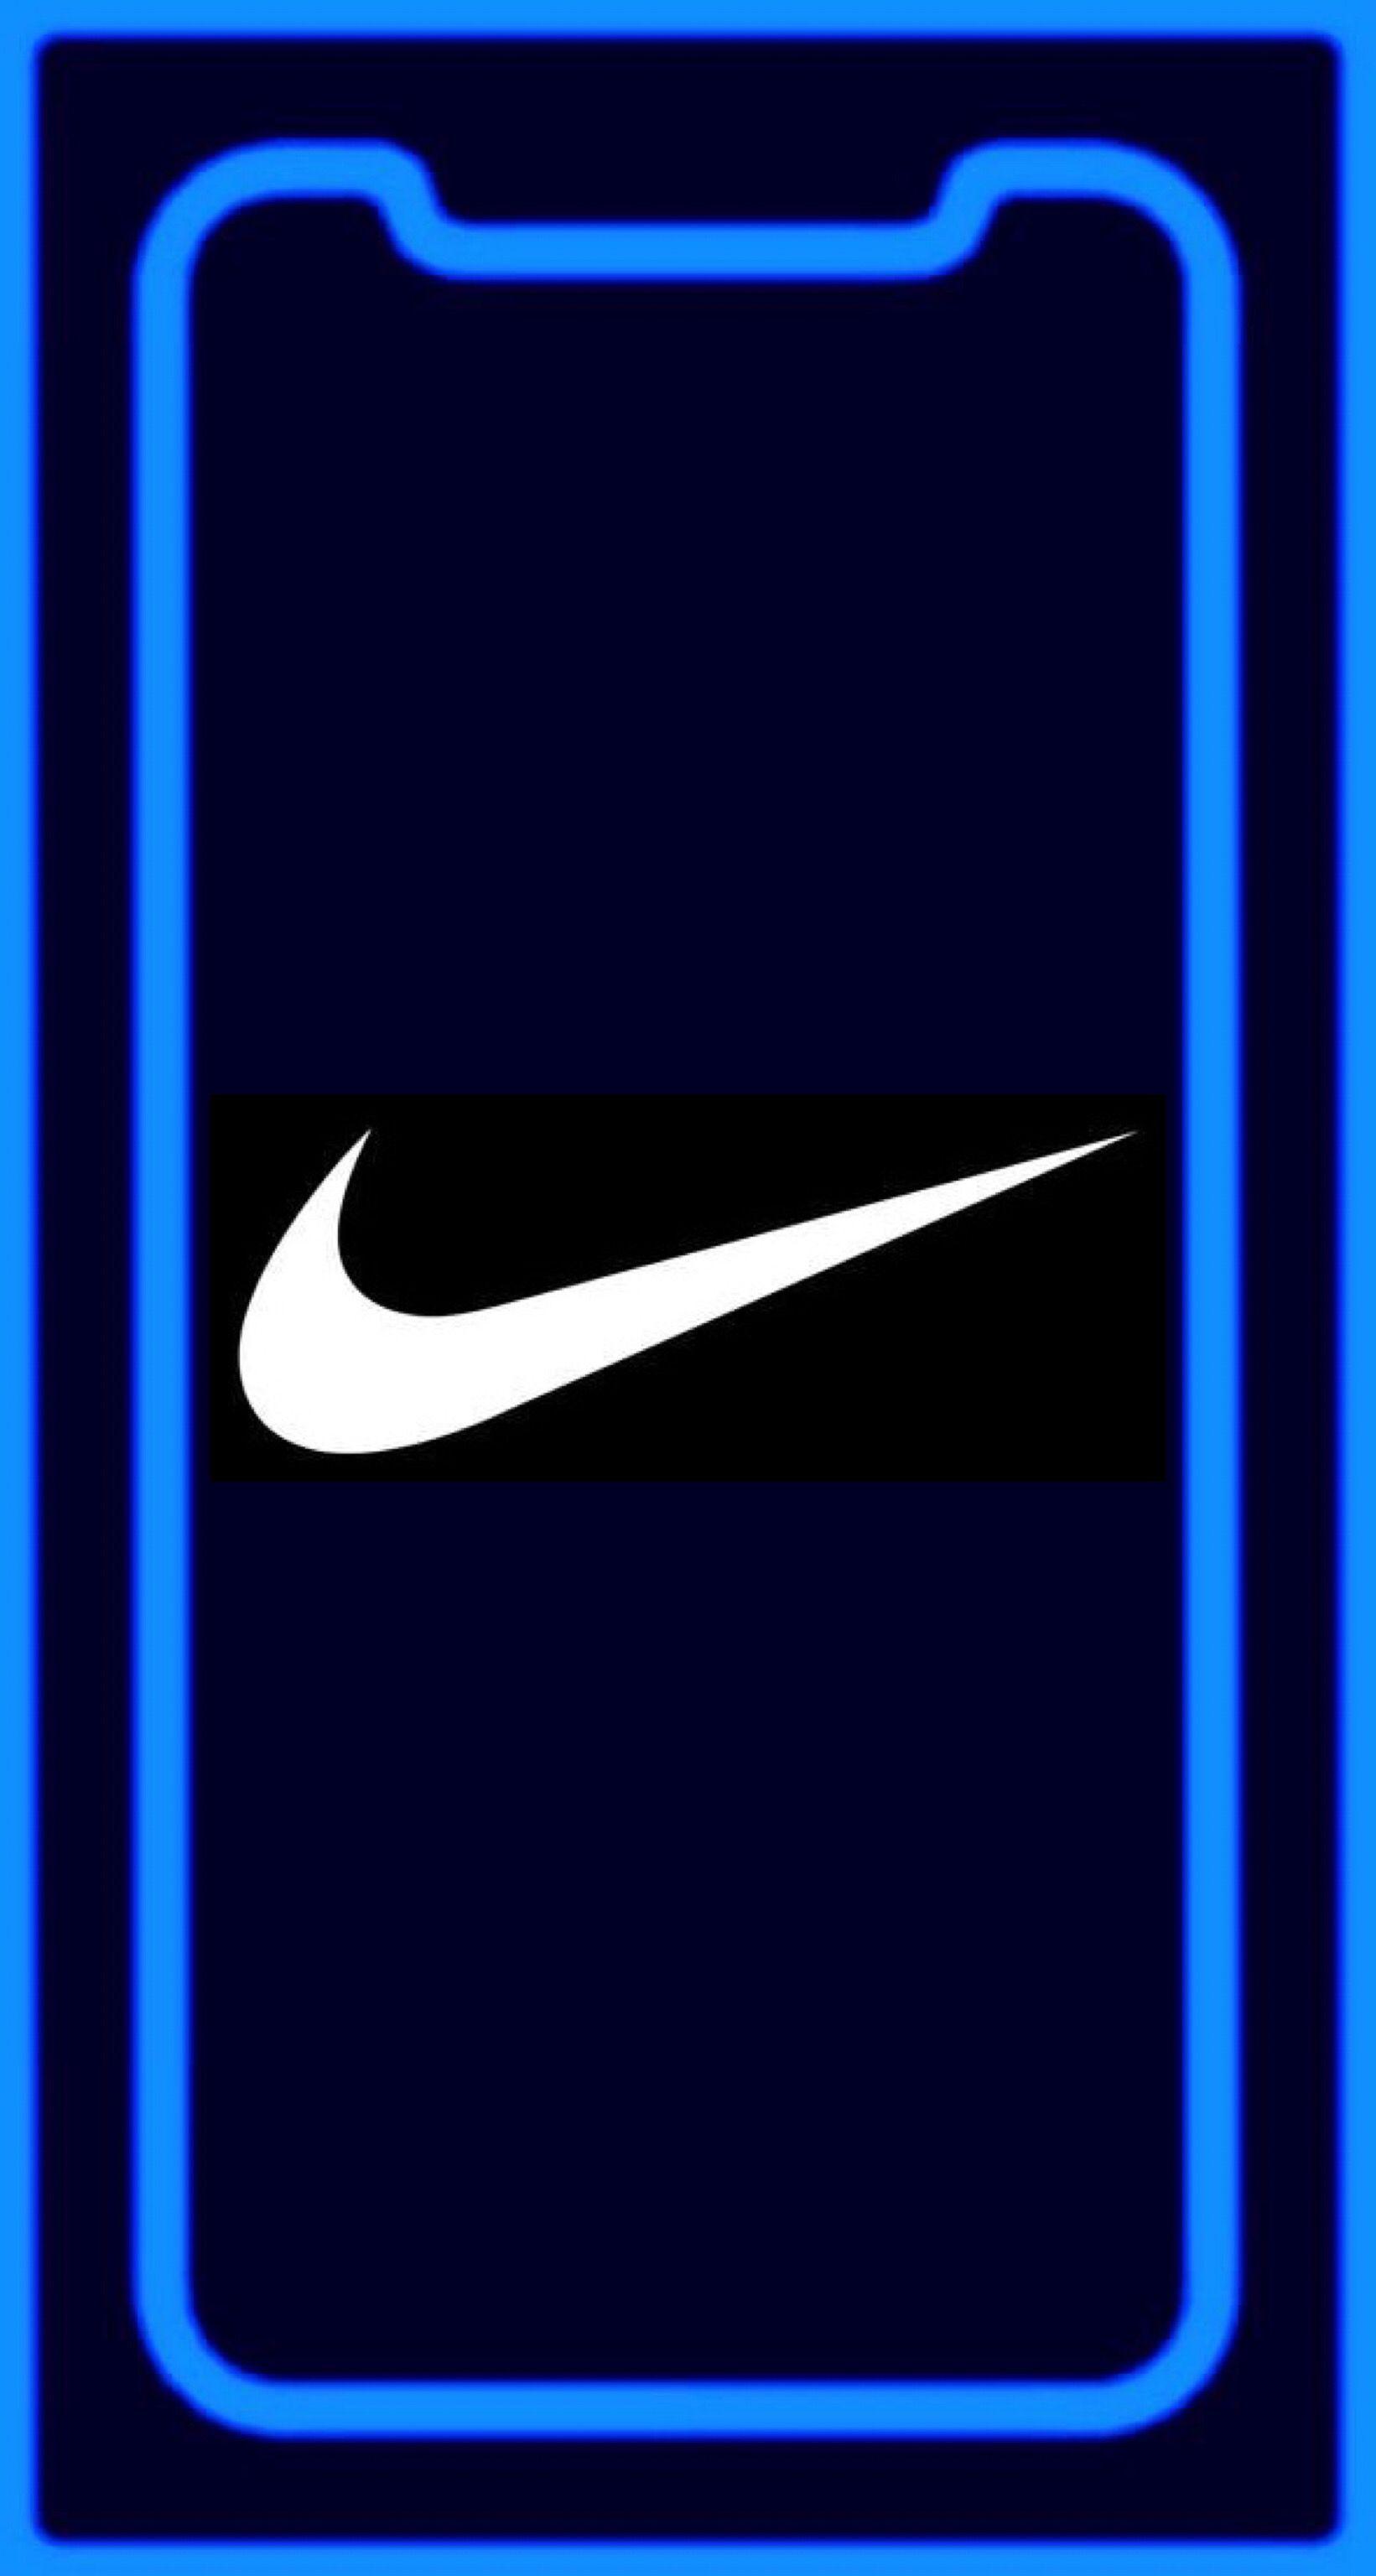 Phone Nike Wallpapers Wallpaper Cave